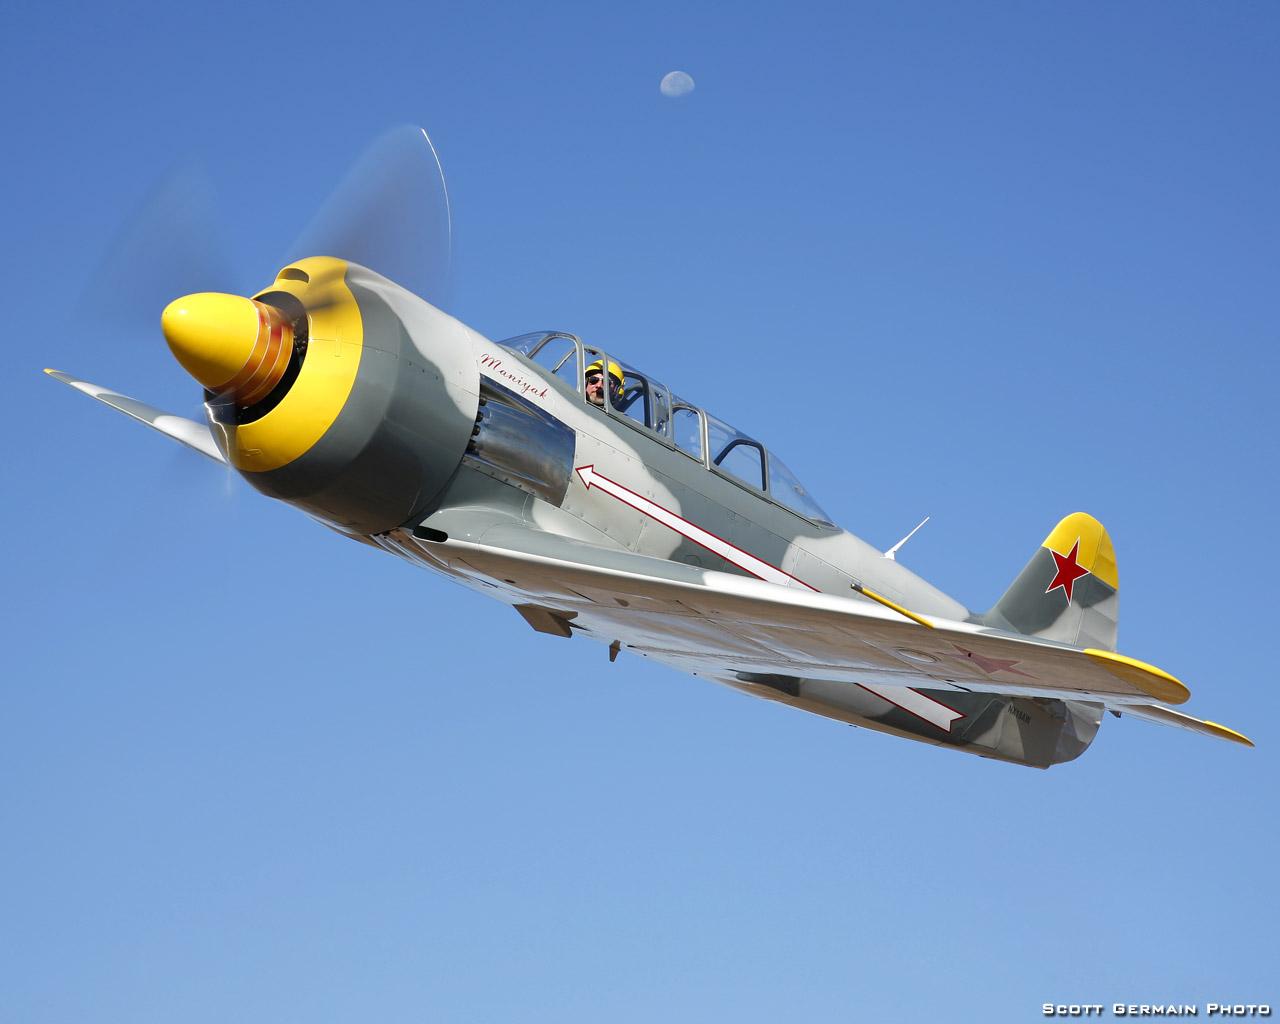 http://3.bp.blogspot.com/_mGkoANc7fi0/TRZSBtEs2-I/AAAAAAAAAnI/koObe8o9aK4/s1600/fighter2_1280mrx.jpg